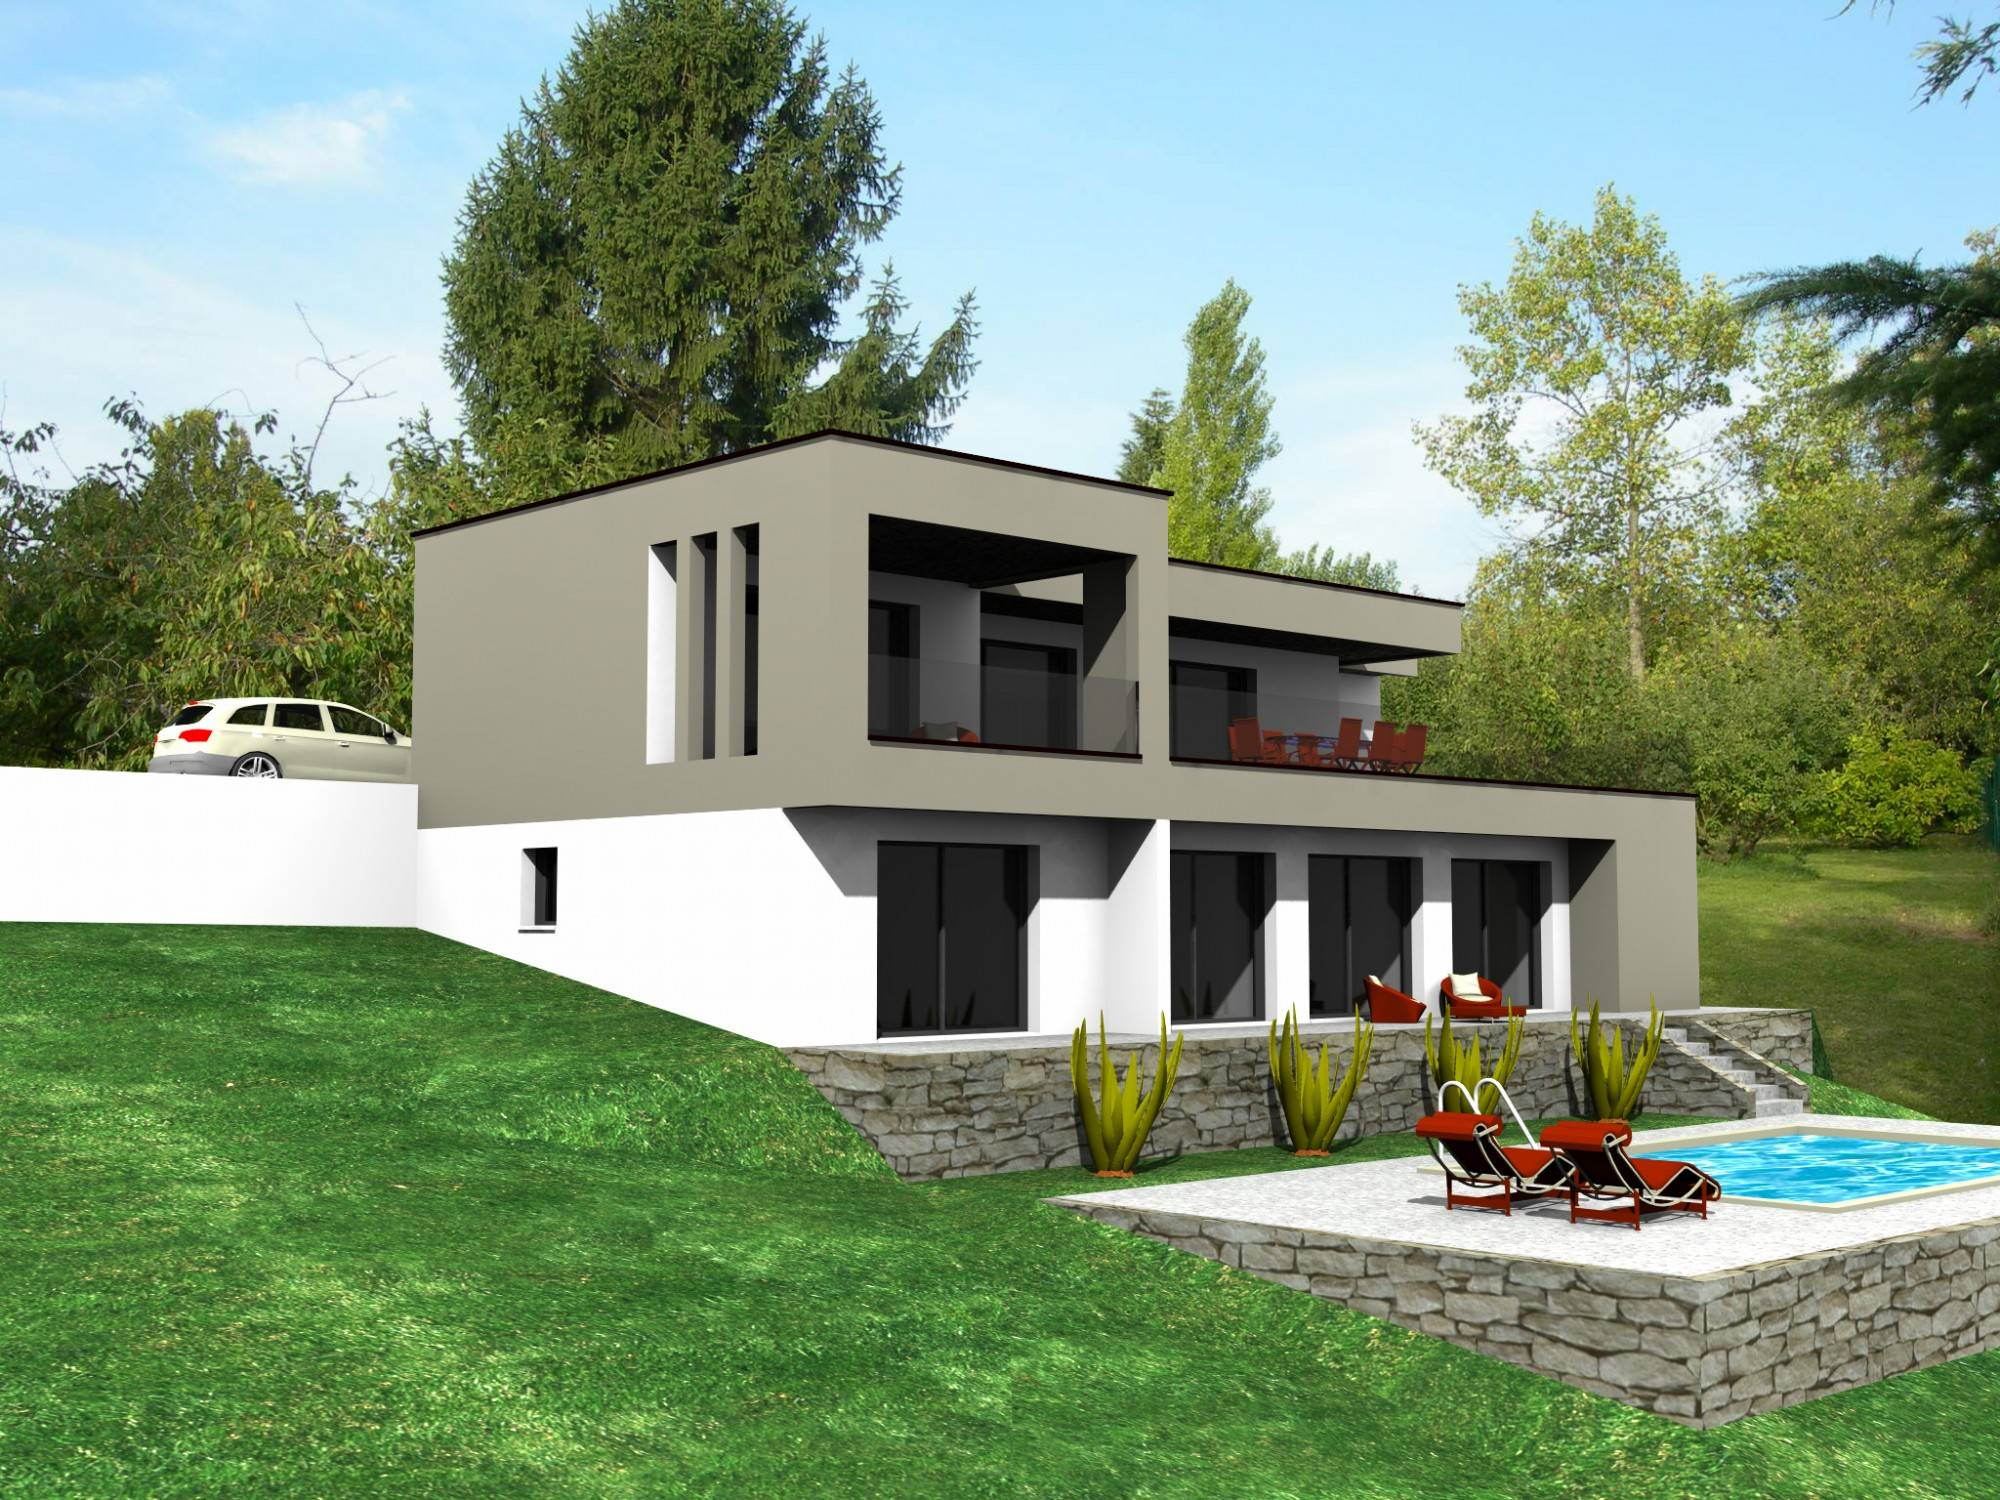 projet au sud de lyon pour cette maison contemporaine bureau d 39 tudes et architectes. Black Bedroom Furniture Sets. Home Design Ideas